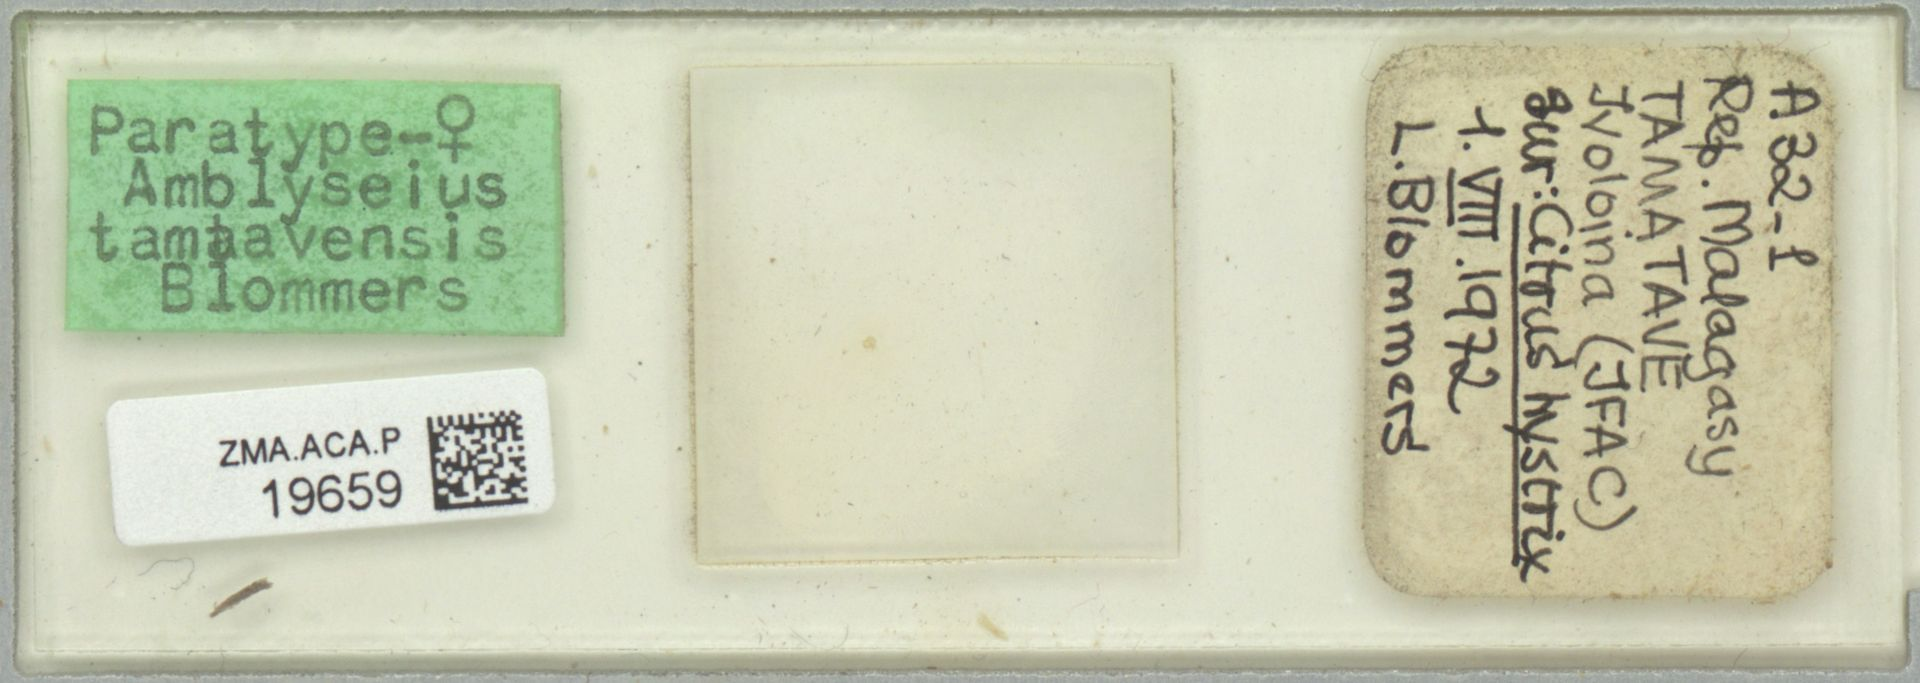 ZMA.ACA.P.19659   Amblyseius (Amblyseius) tamatavensis Blommers